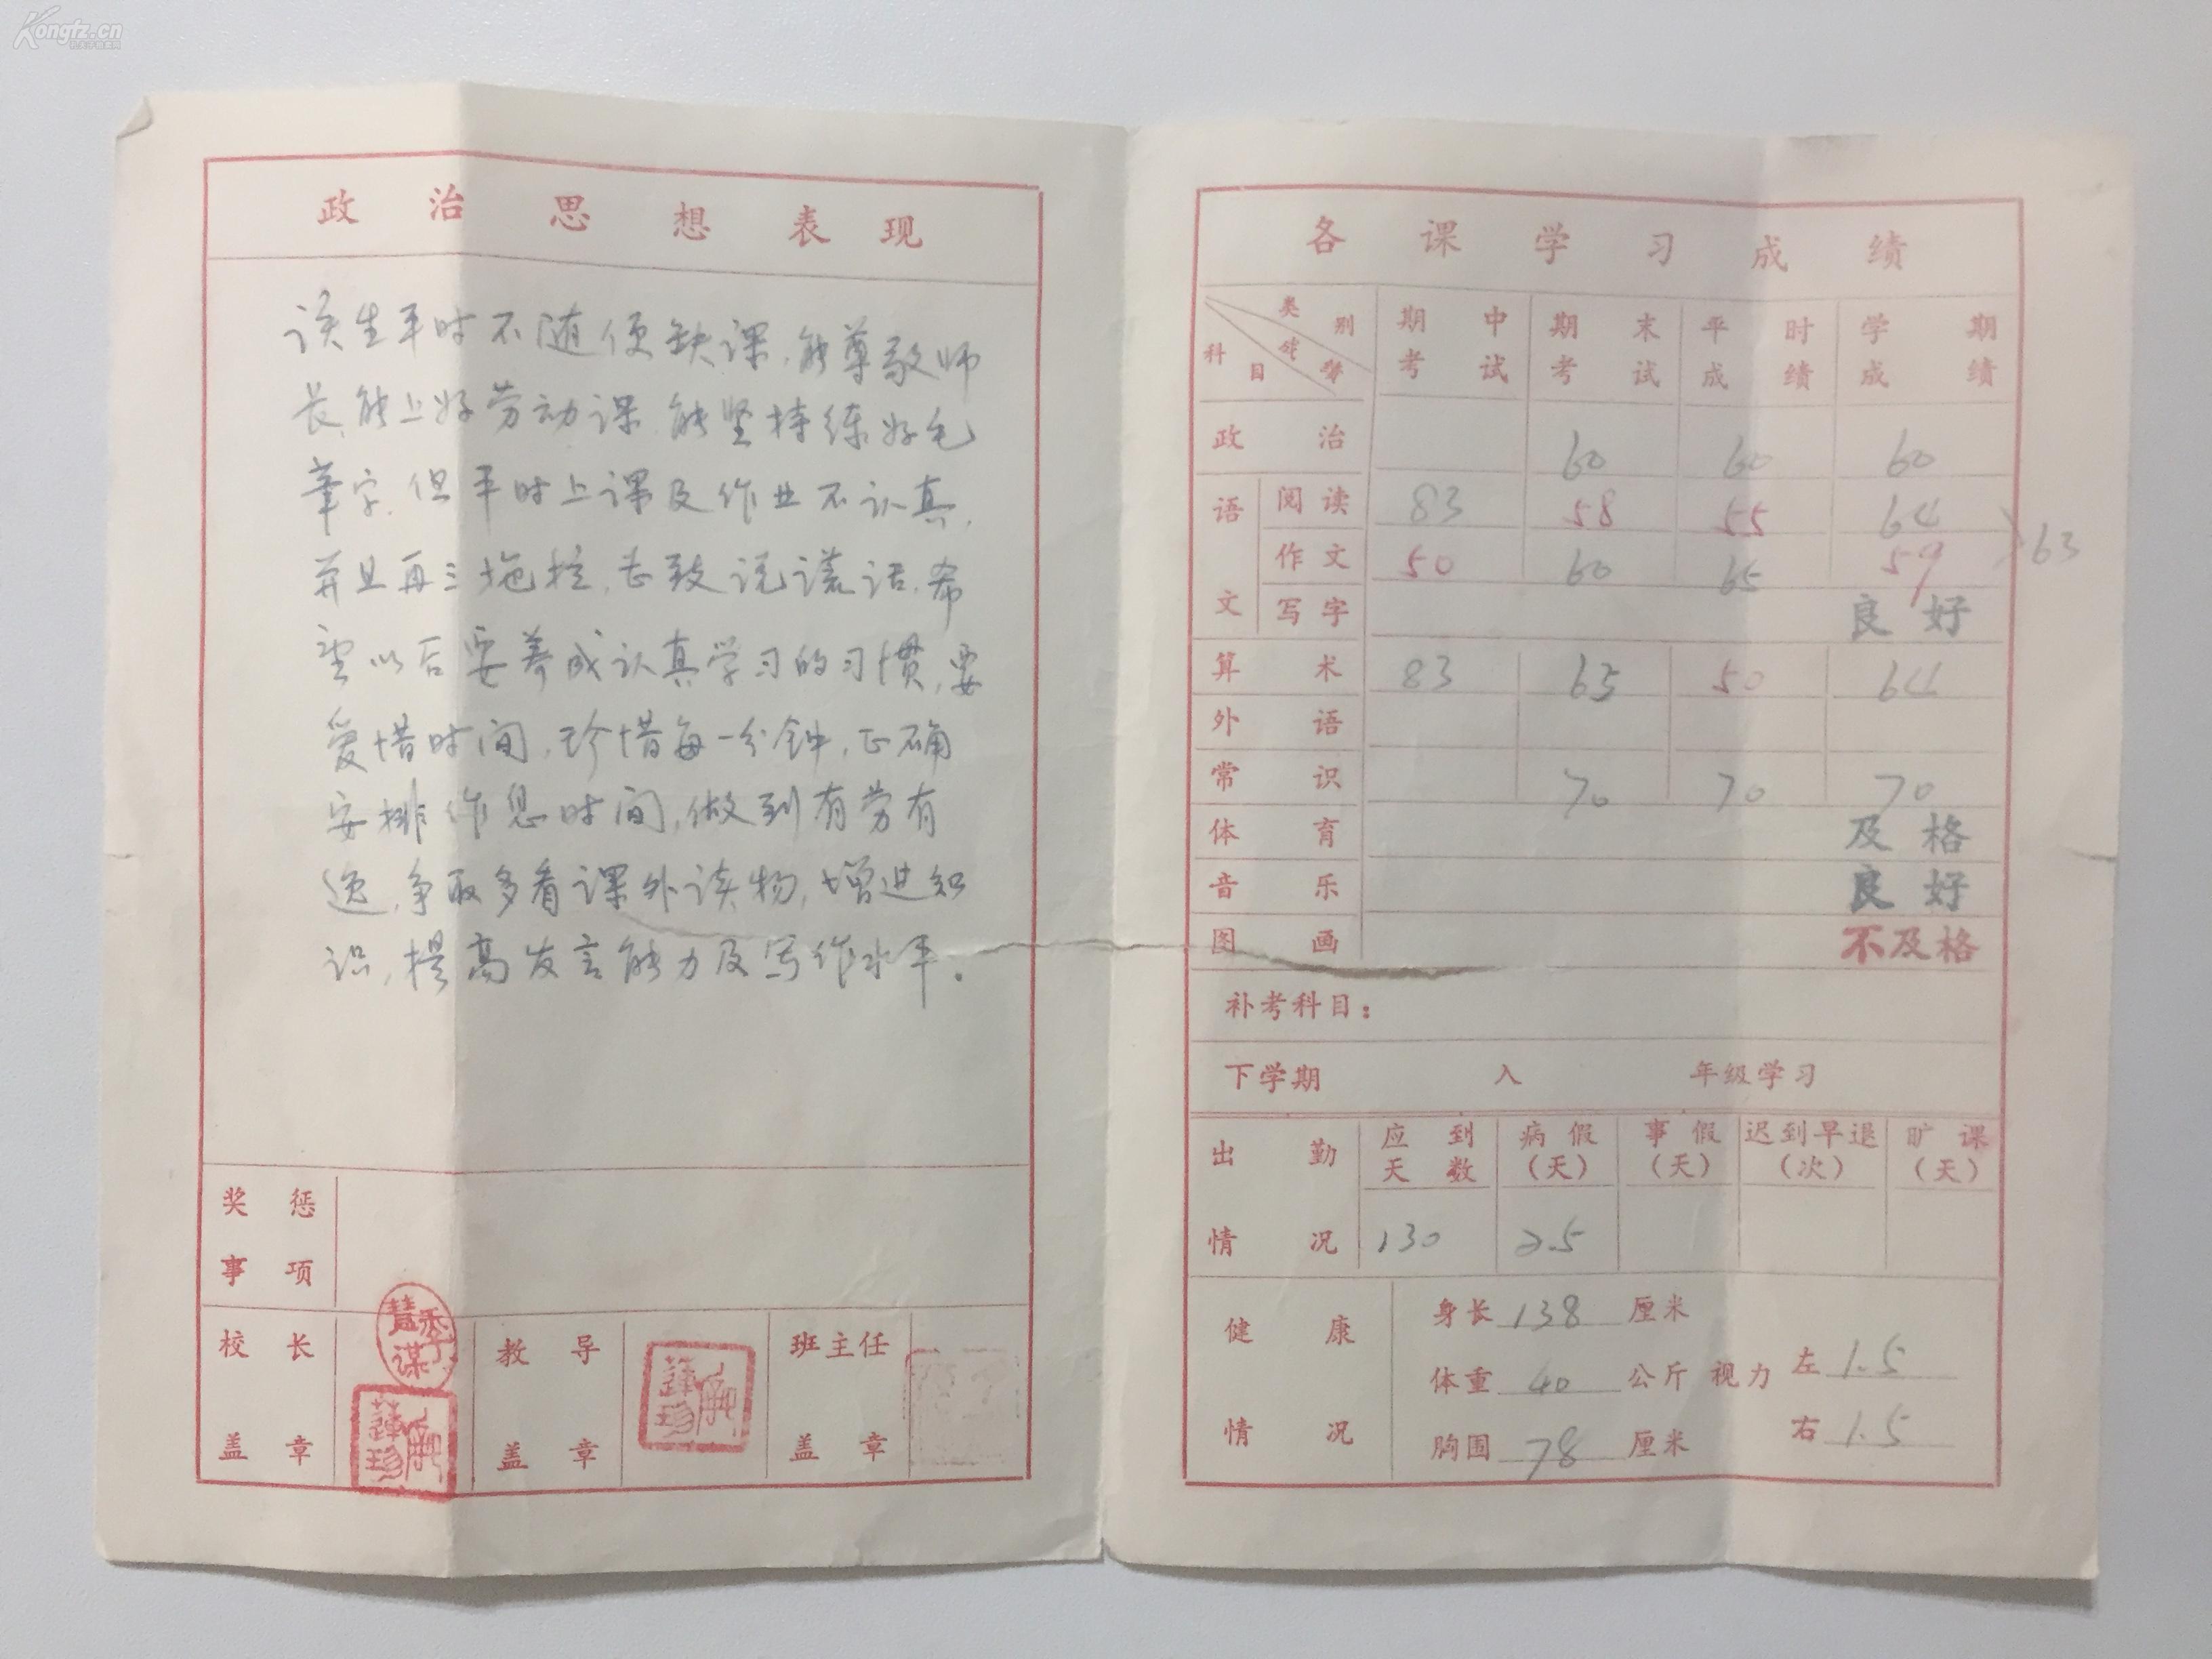 1980年苏州市志成课课五(1)班《学生情况v课课练六小学小学英语年级图片